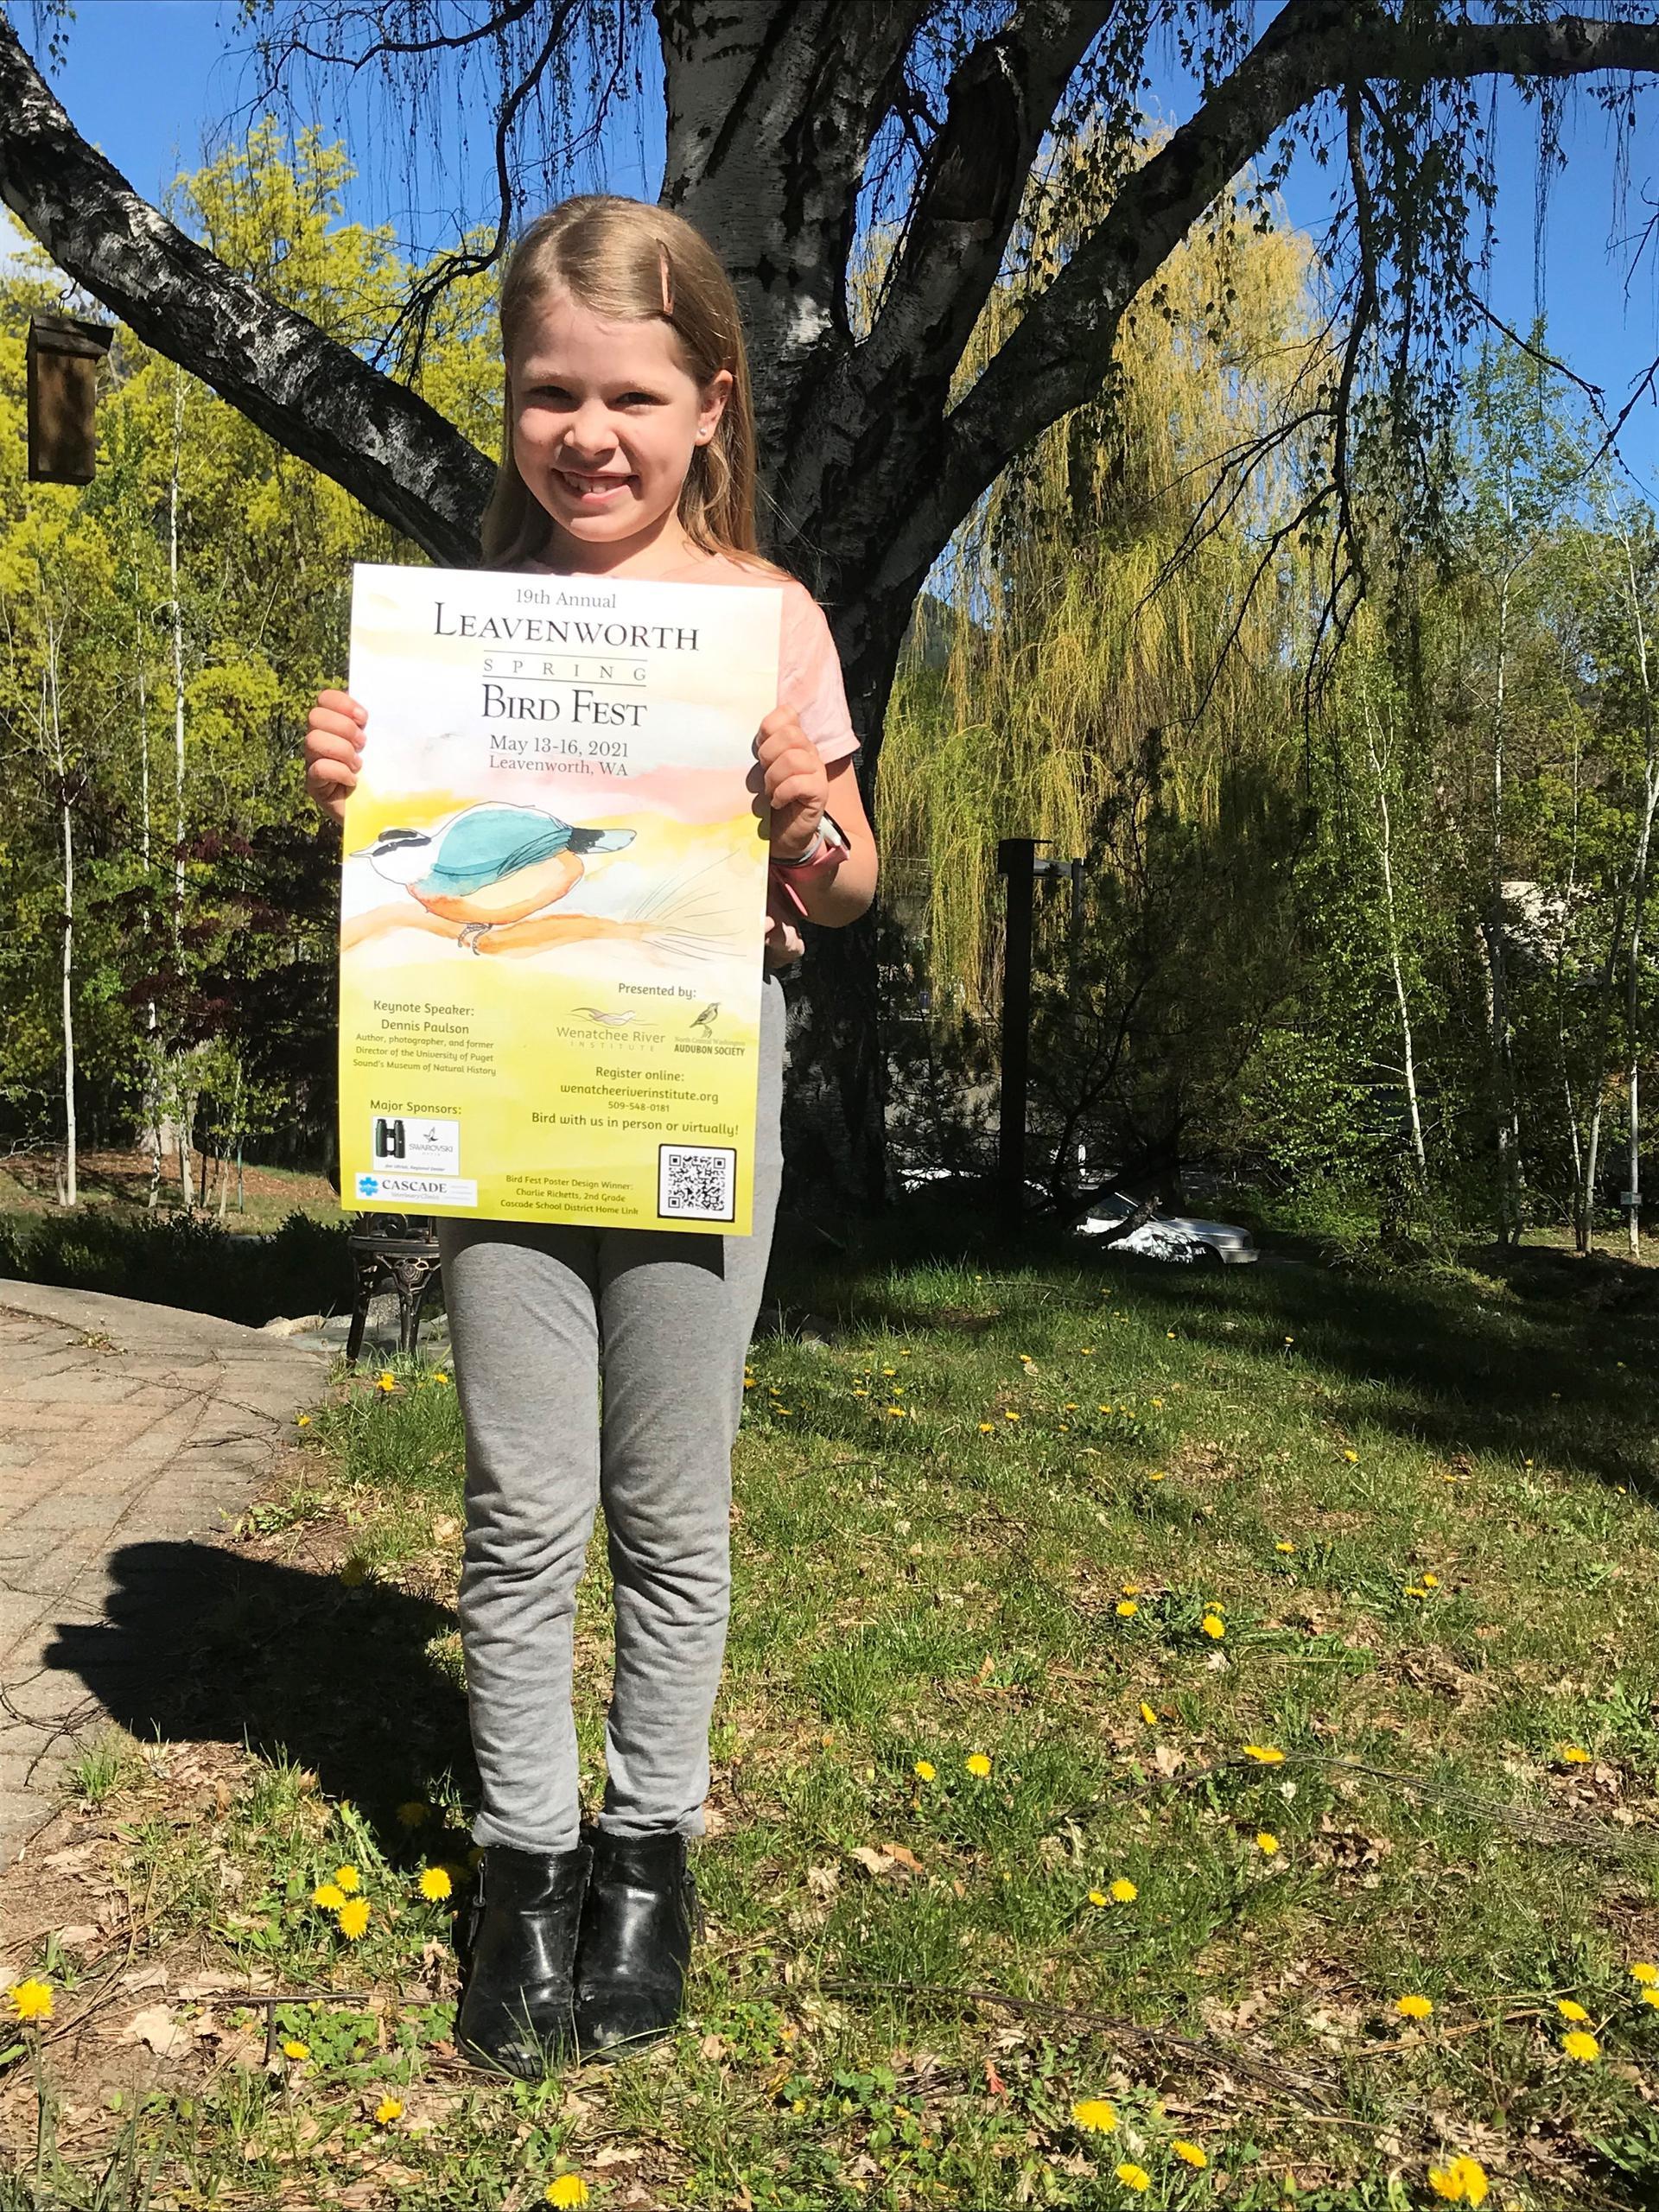 Bird Fest poster winner